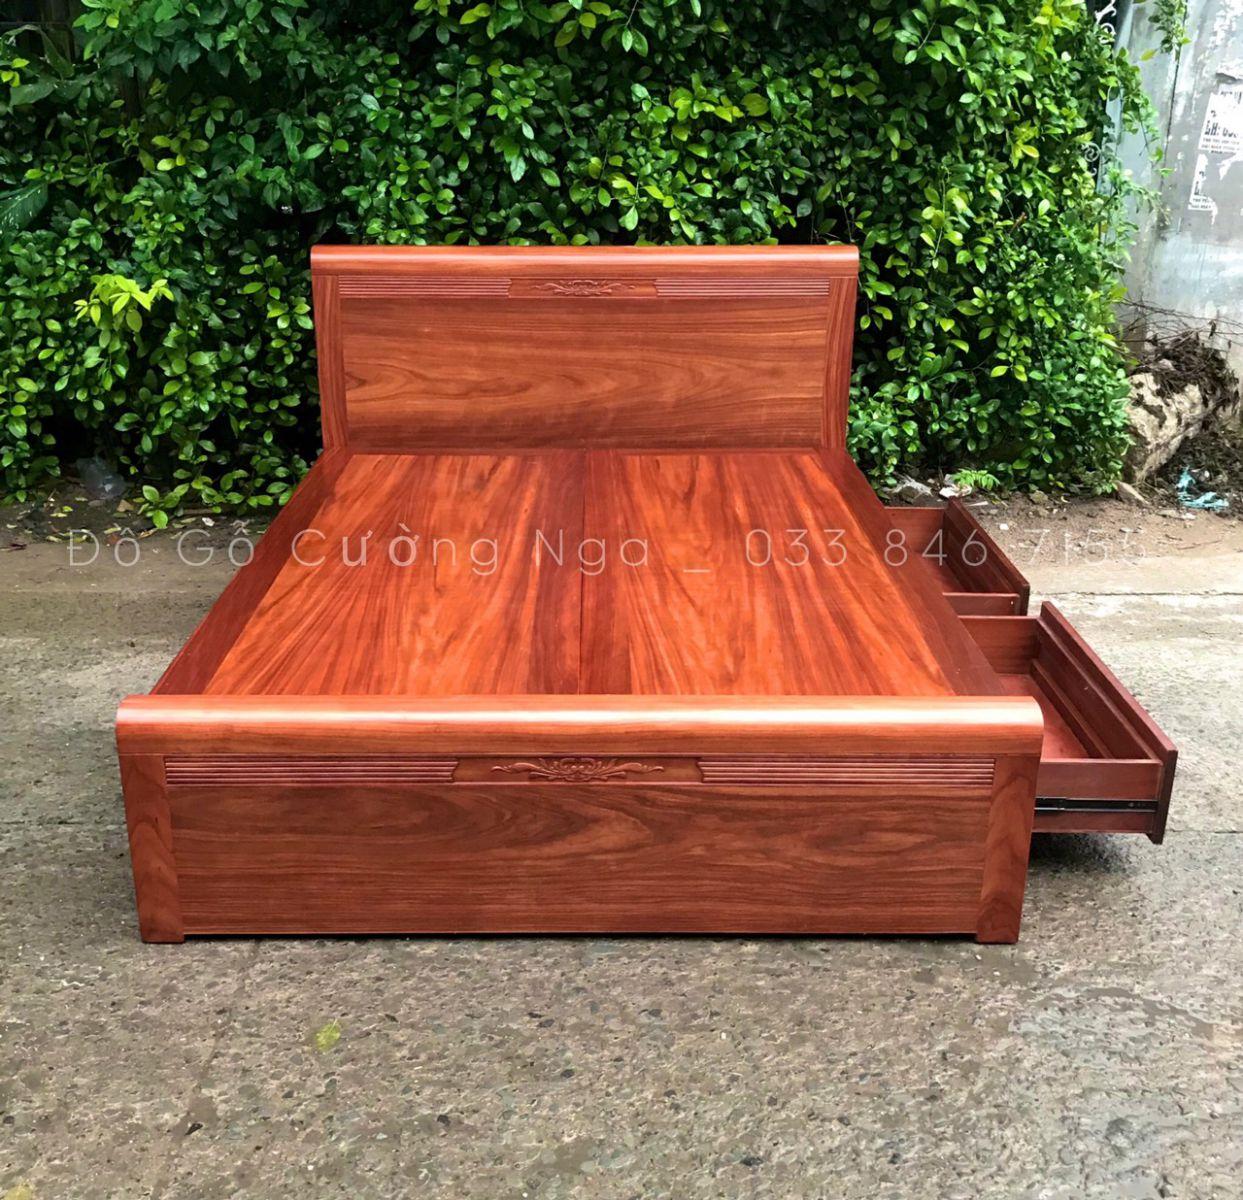 giường ngủ ô kéo gỗ tự nhiên